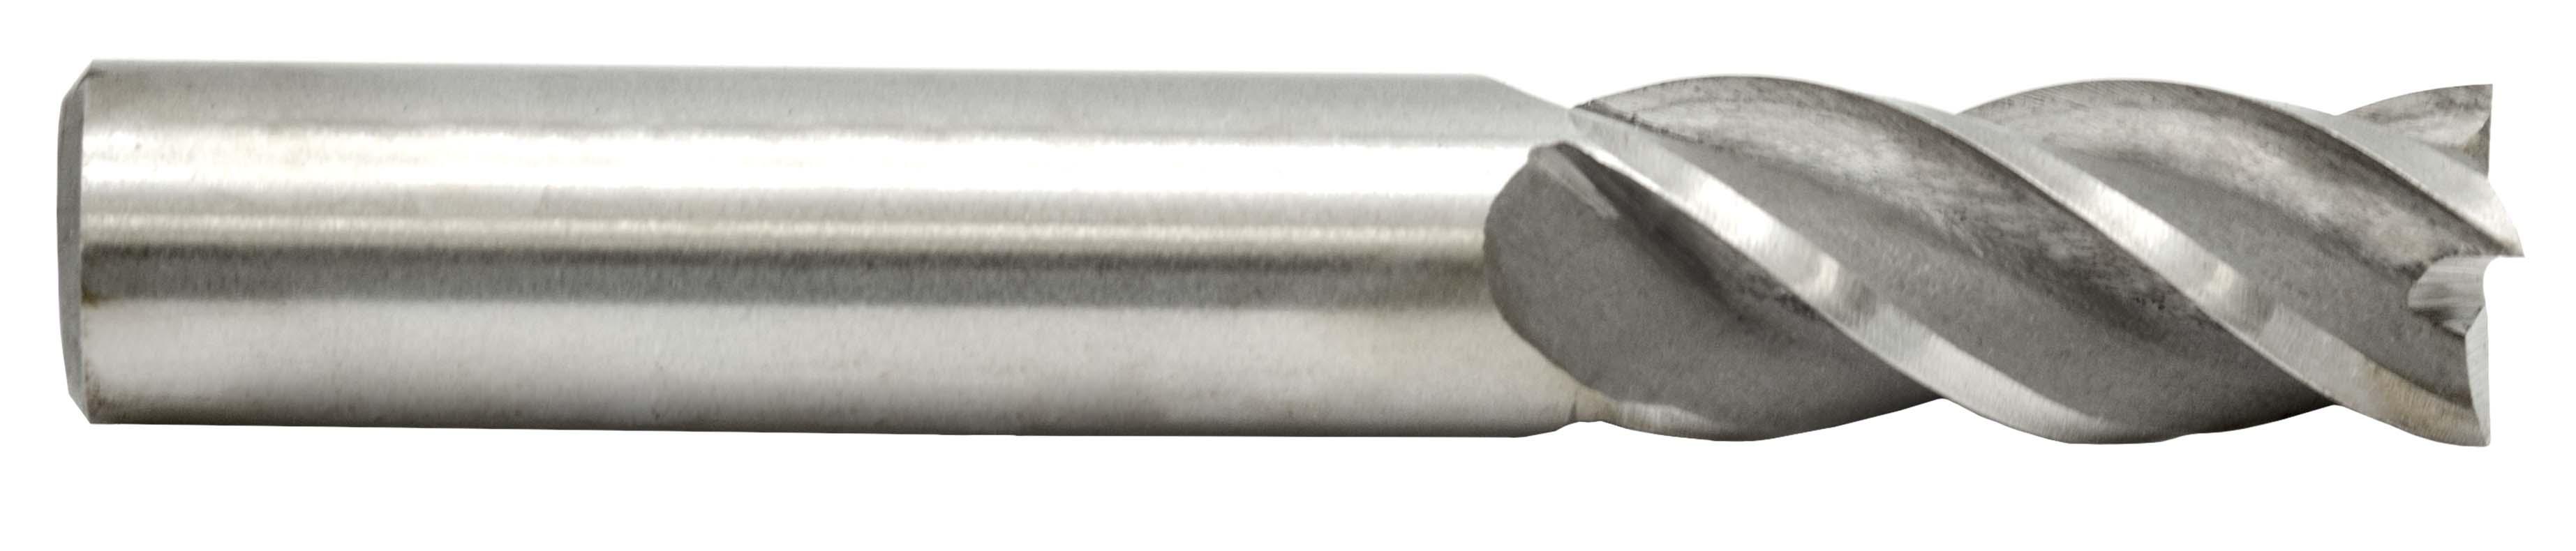 OSG USA 8597541 5.41mm x 101mm OAL HSSE Drill TiN